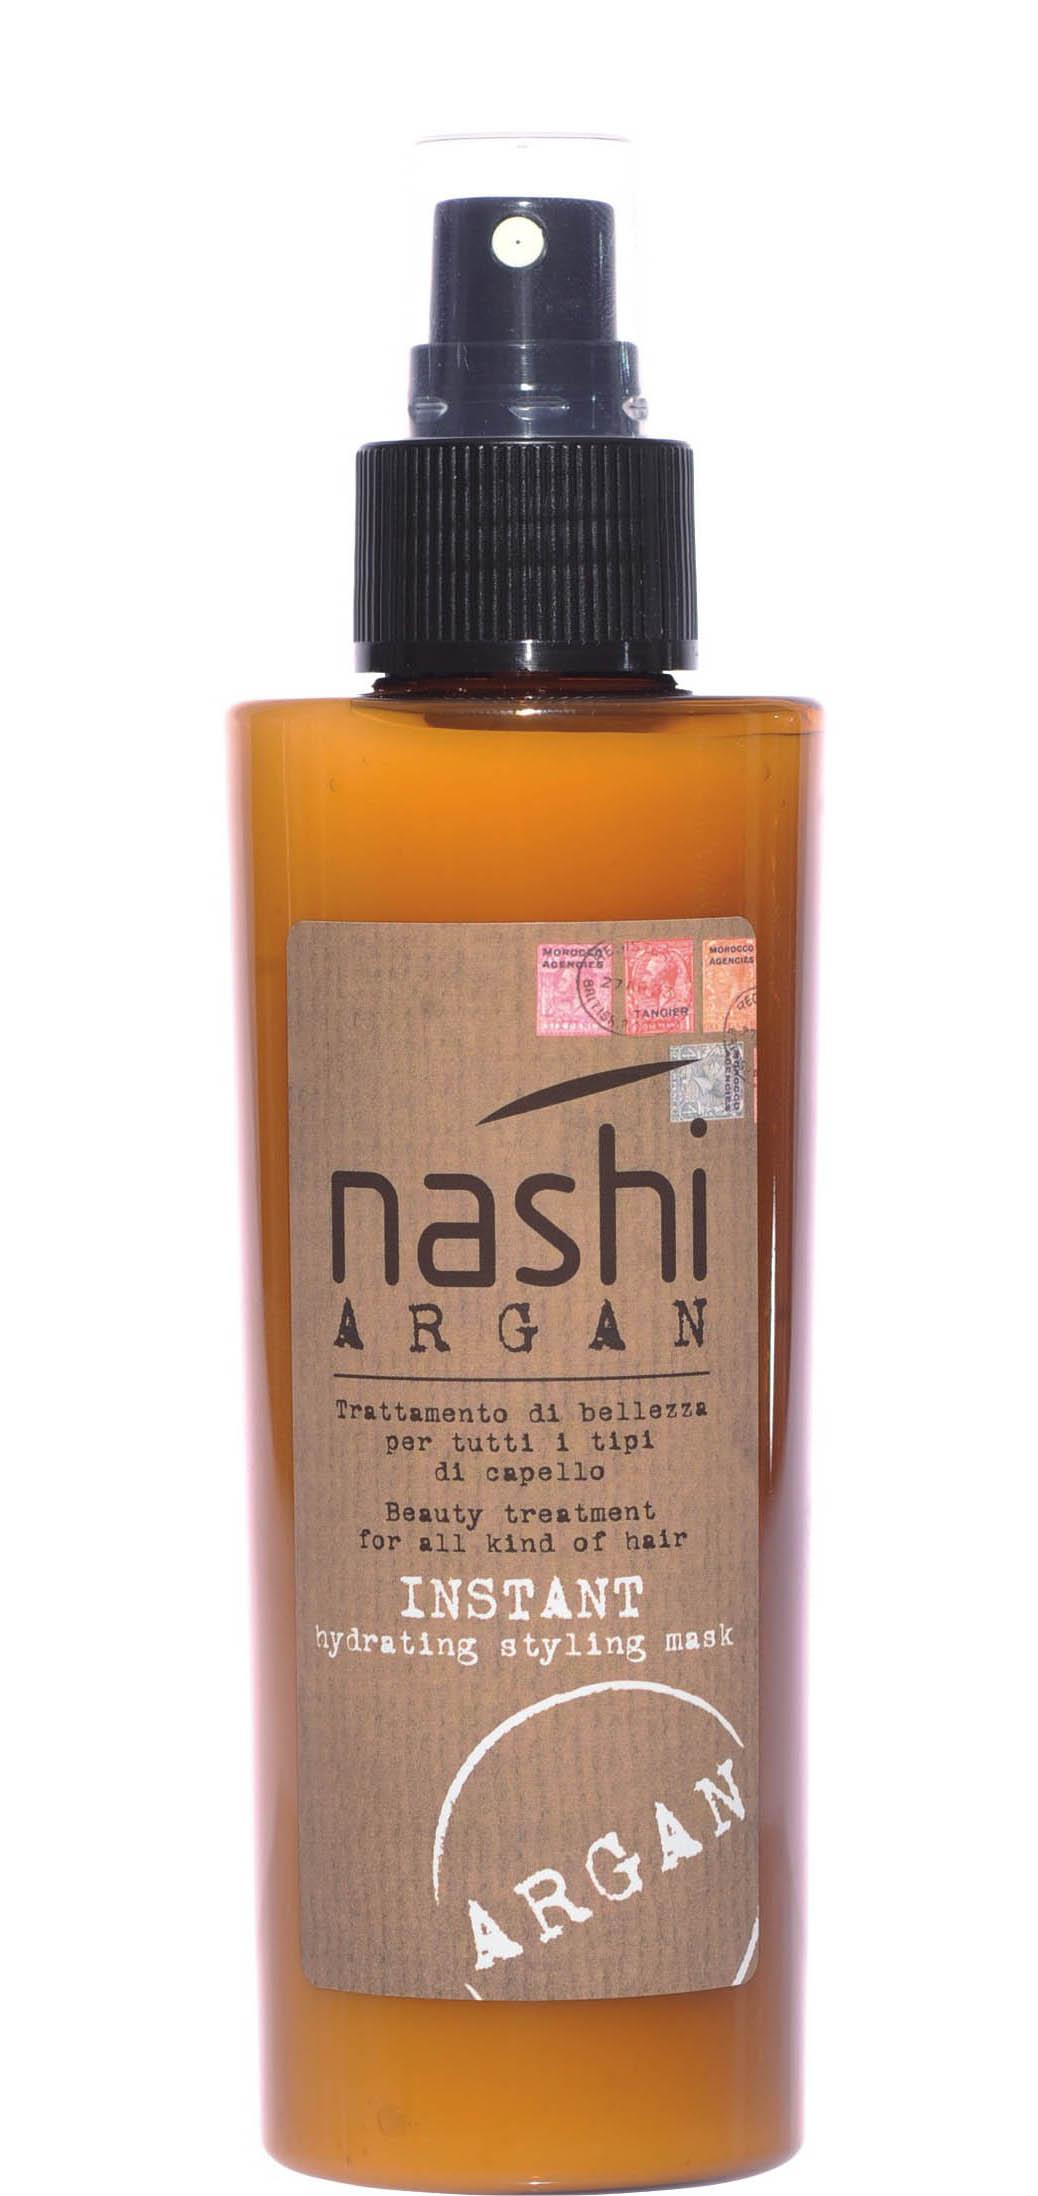 xả khô nashi argan cao cấp